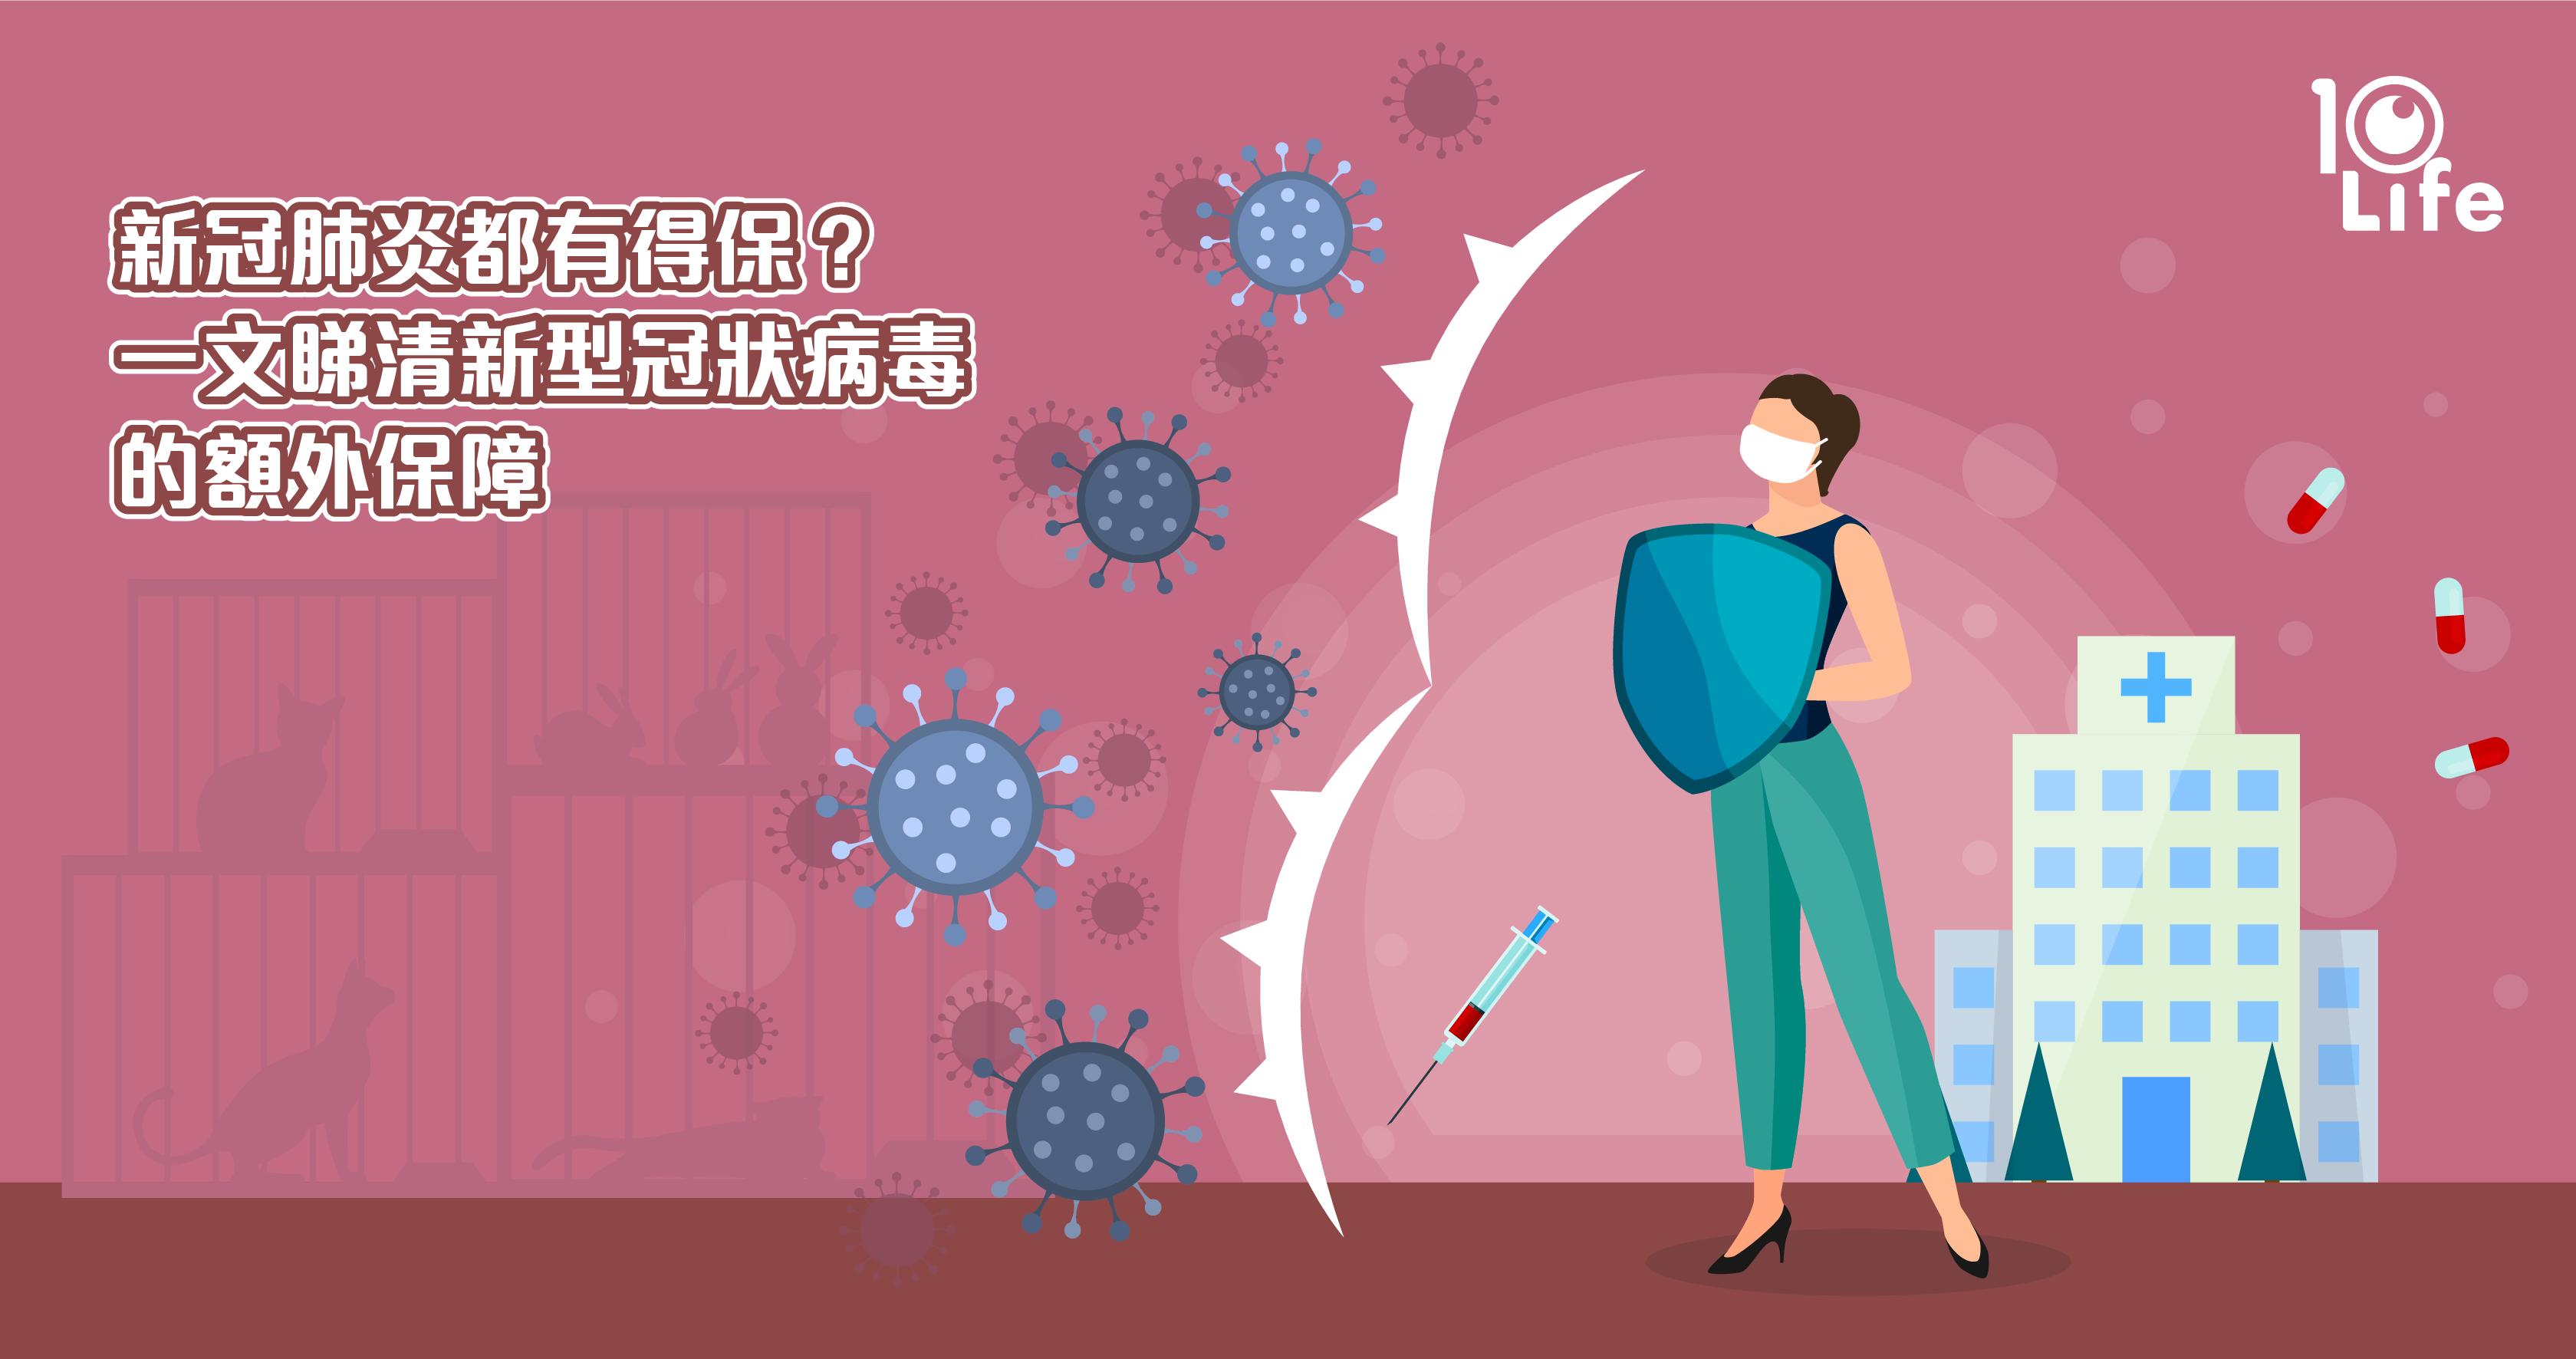 【保險解碼】各大保險公司對新型冠狀病毒肺炎的額外保障 | 10Life